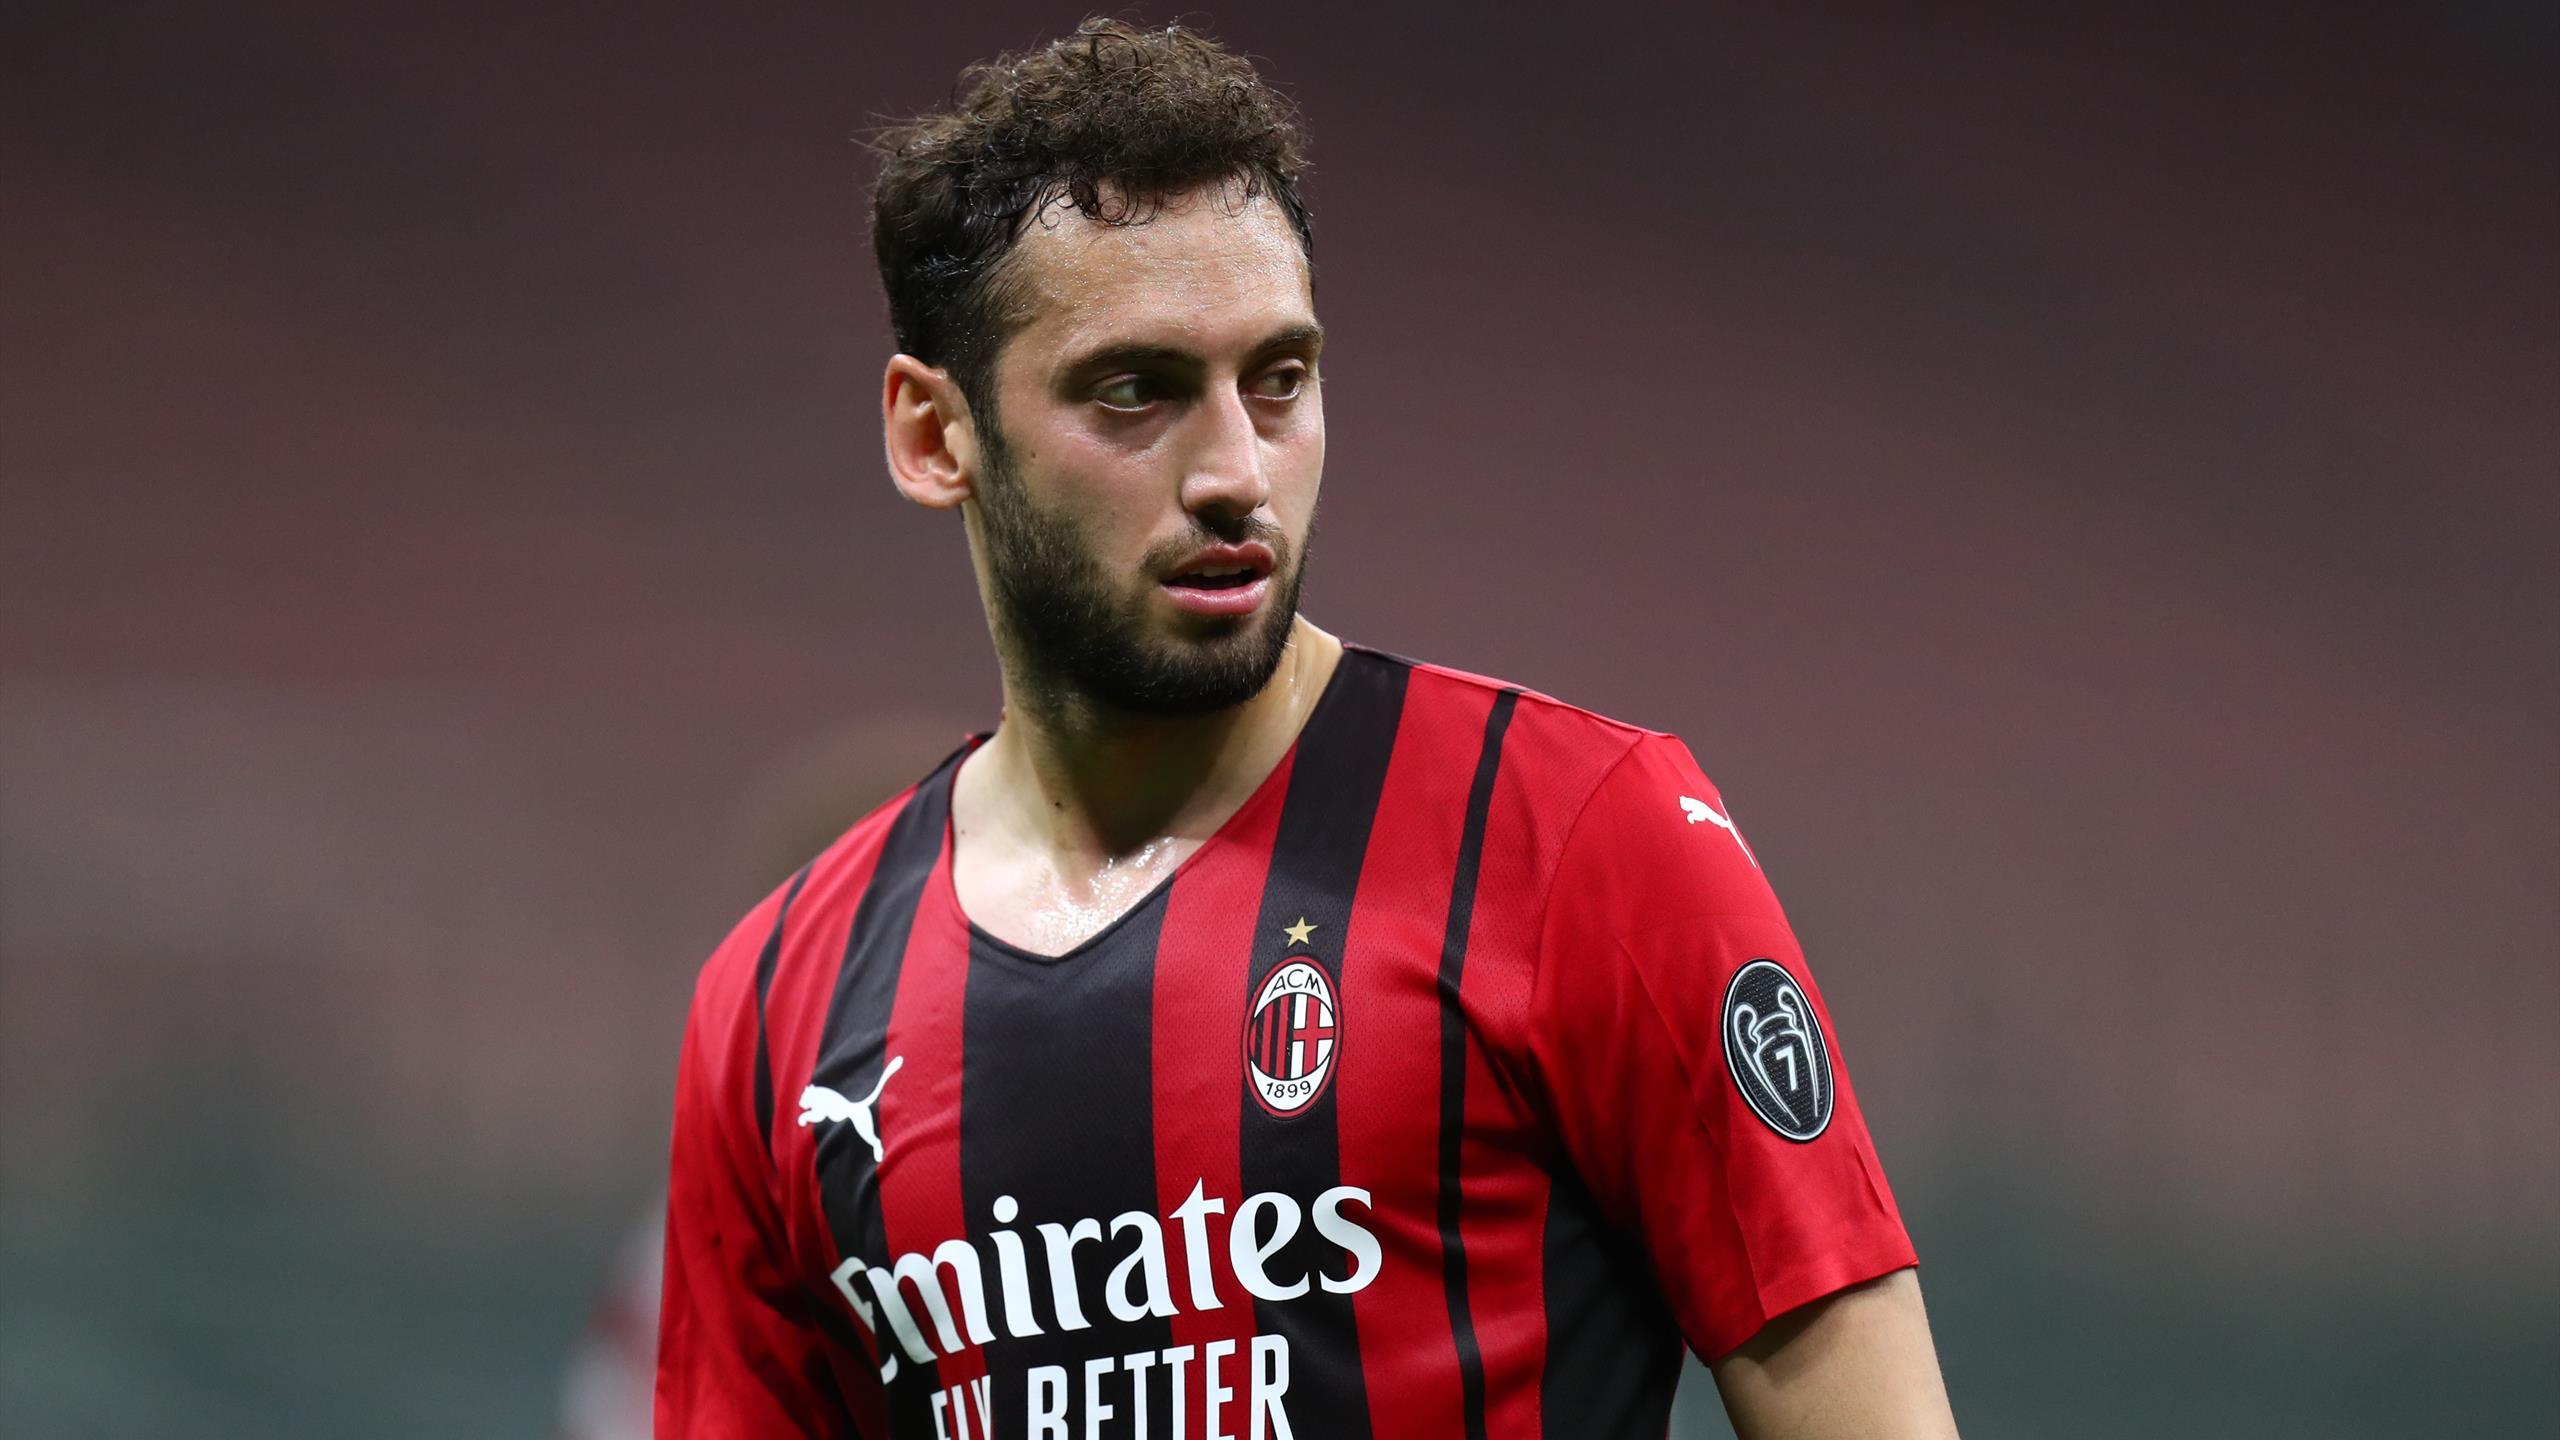 Турецкий полузащитник Чалханоглу подпишет контракт с «Интером»